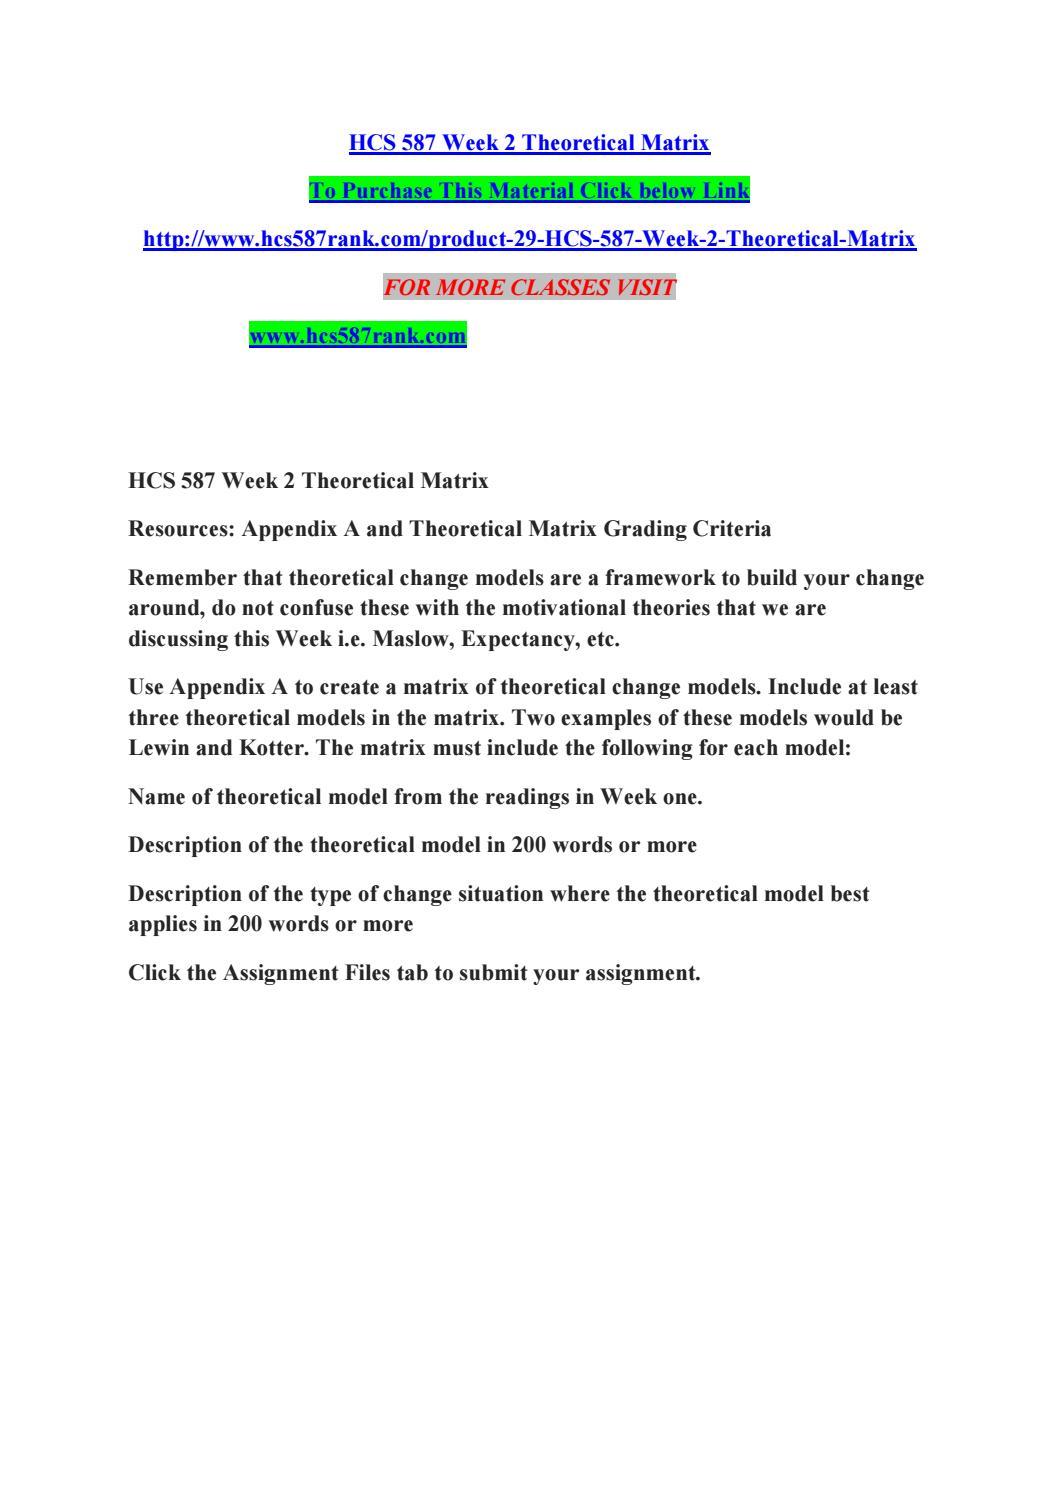 Hcs 587 week 2 theoretical matrix by manuu97 - issuu